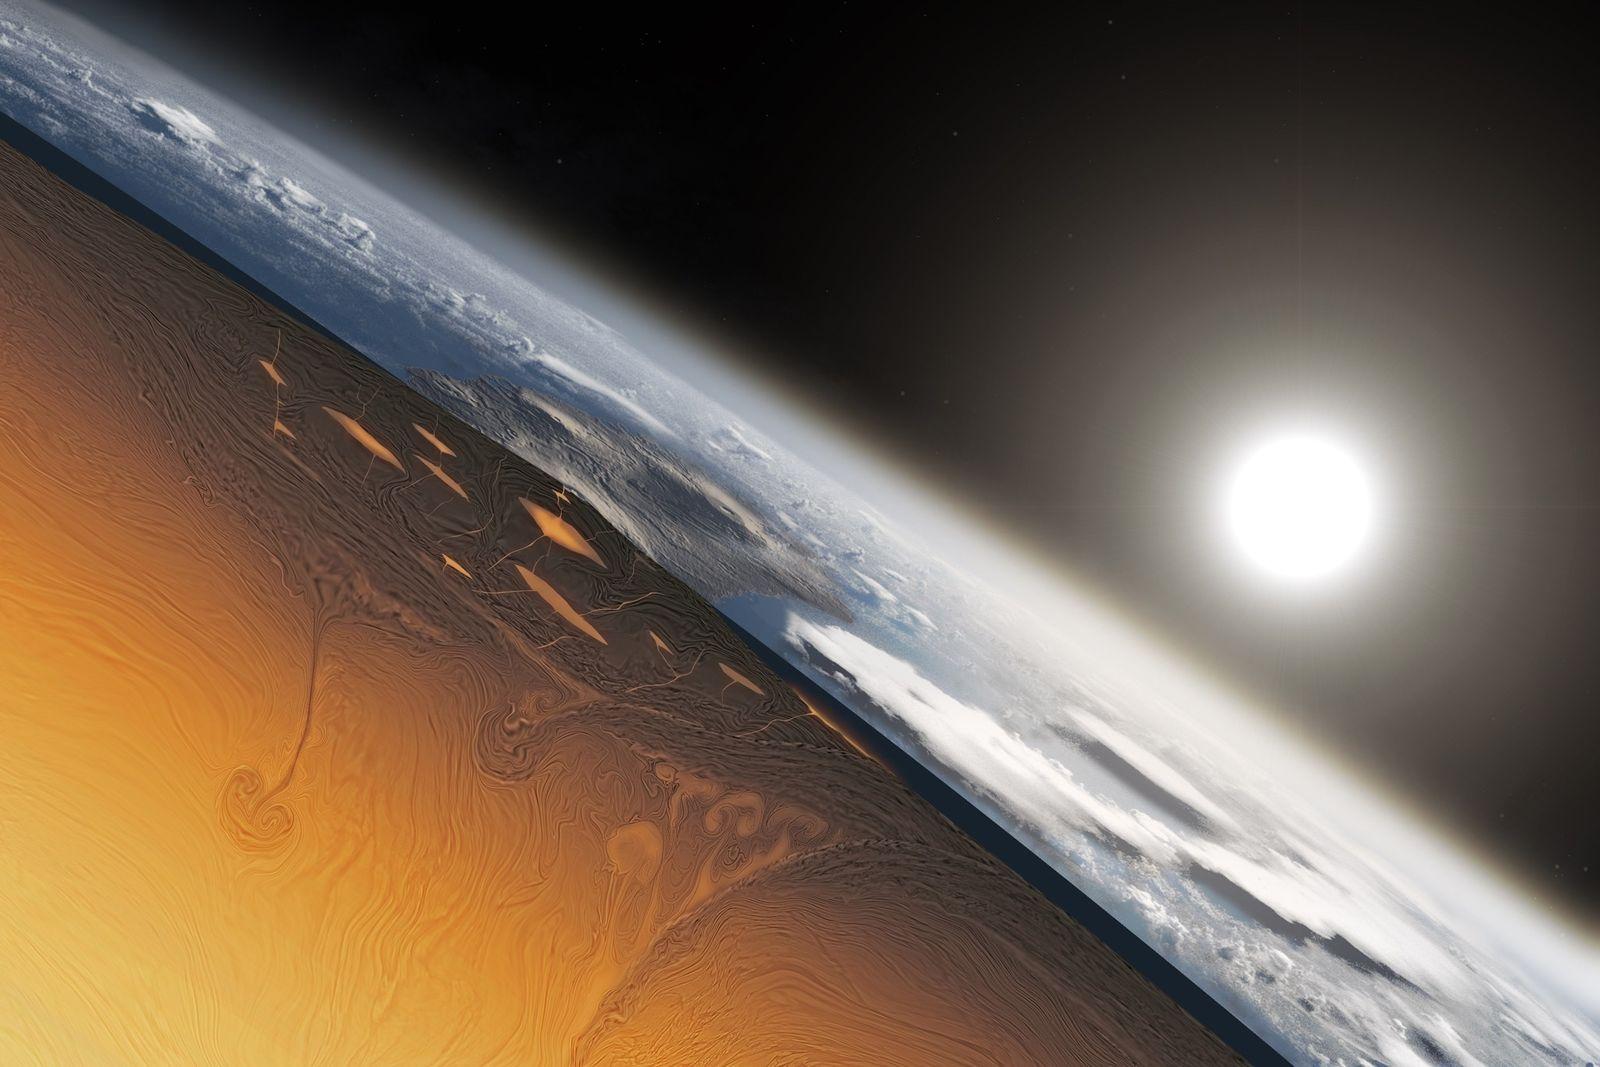 Encontrada na Austrália mais antiga evidência de movimentação de placas tectônicas